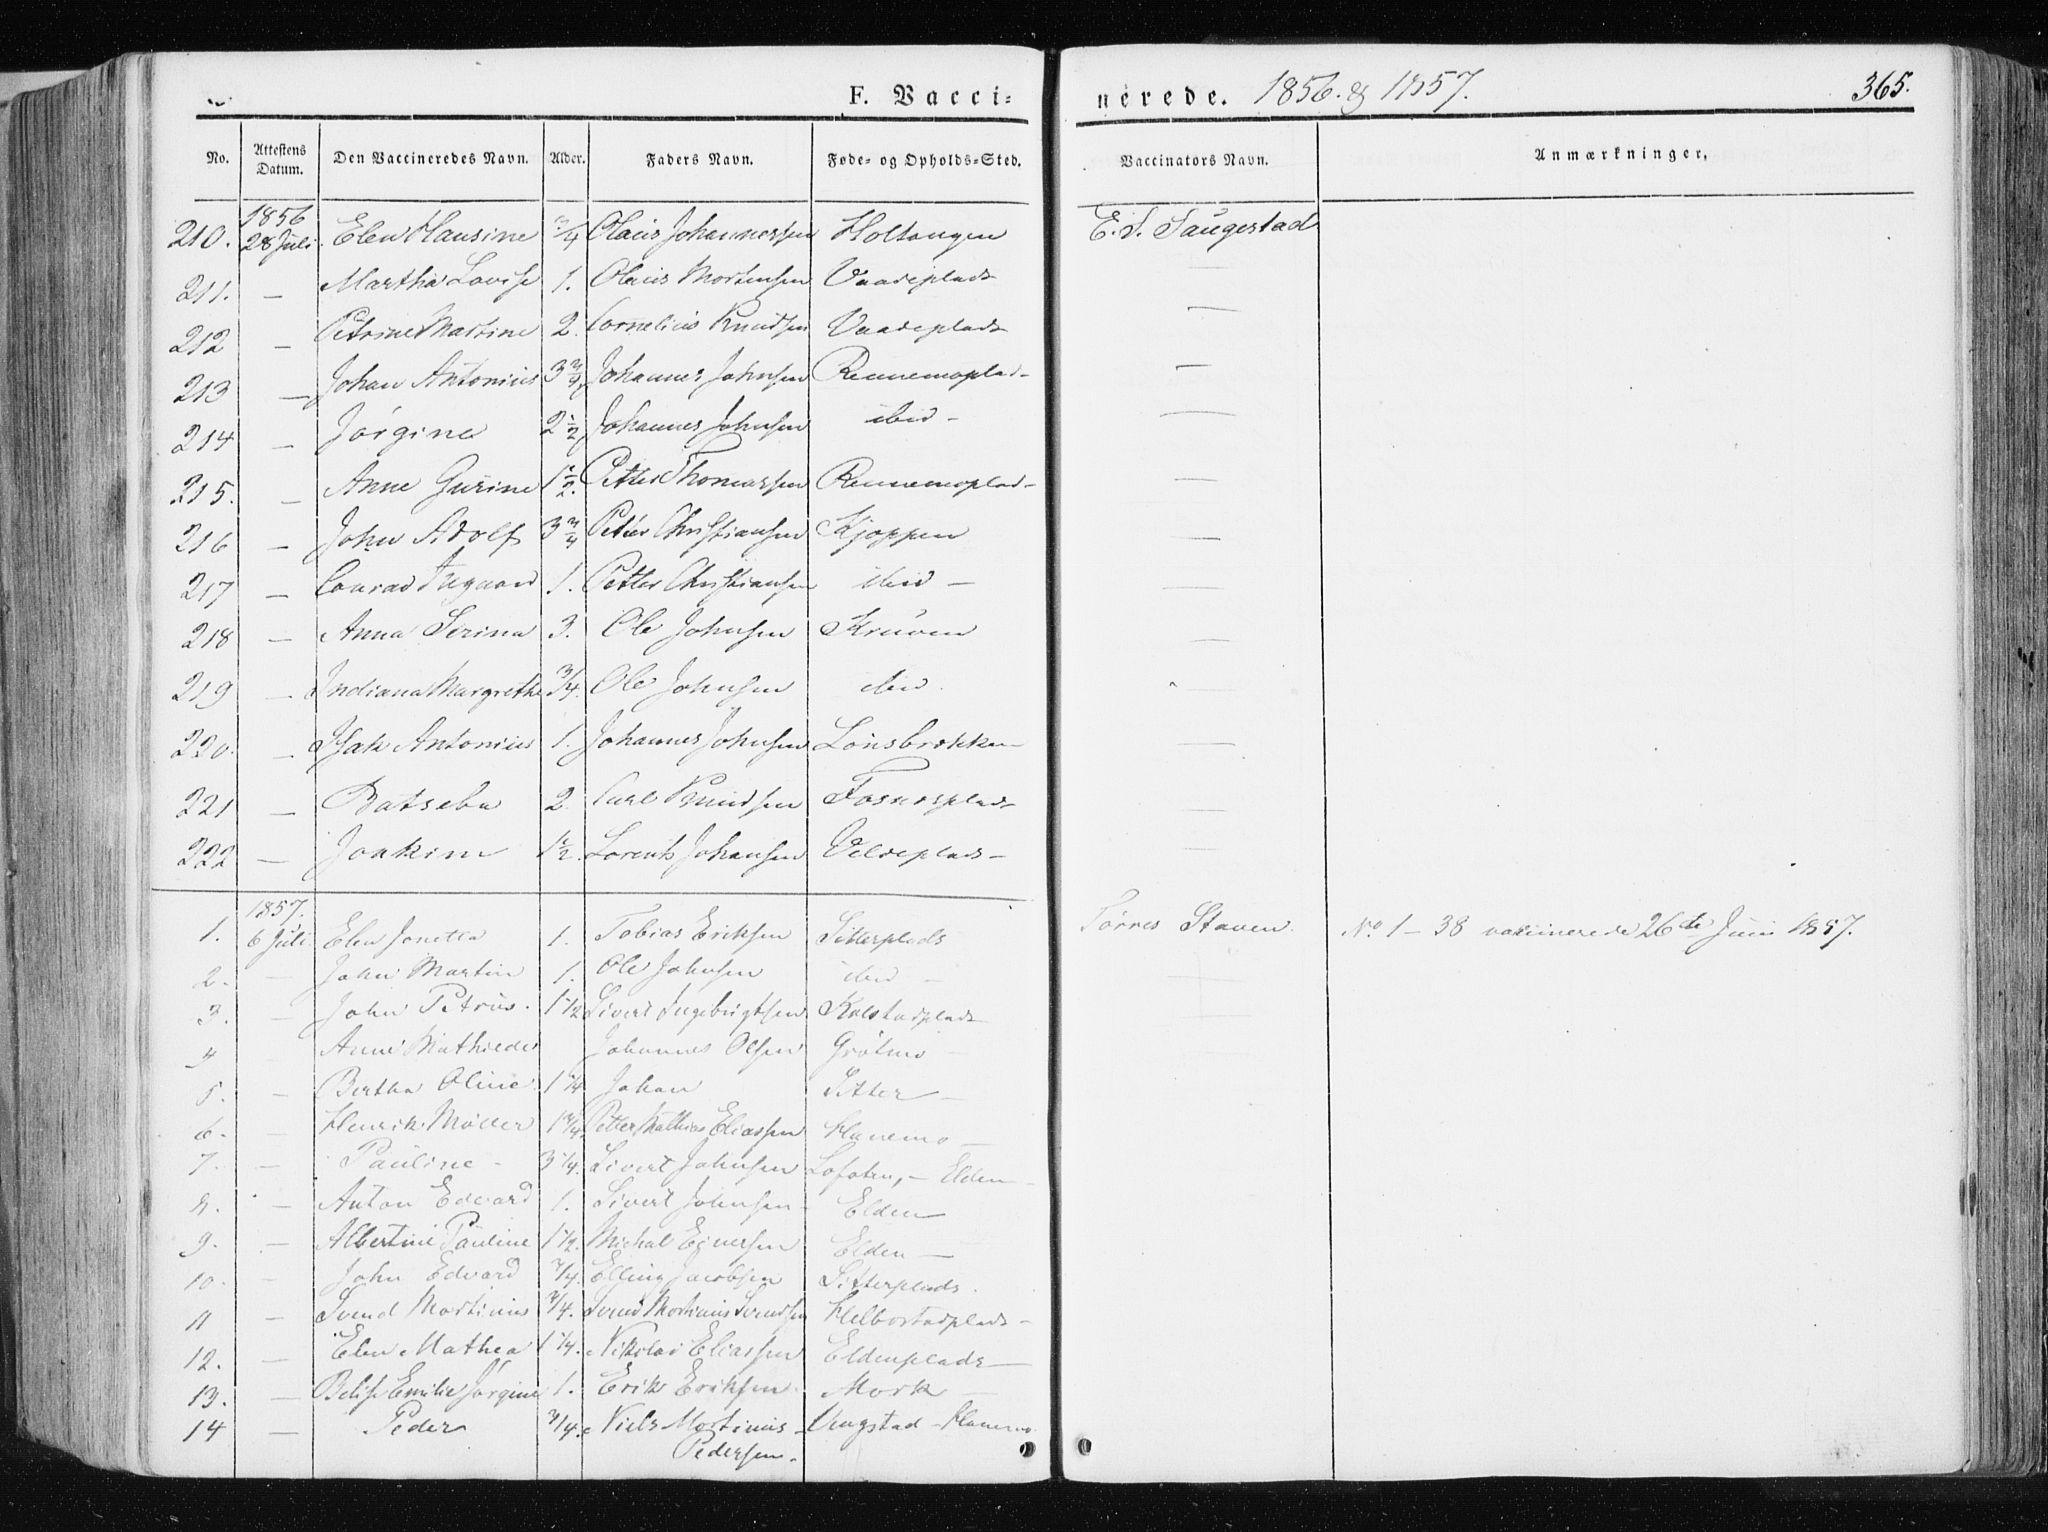 SAT, Ministerialprotokoller, klokkerbøker og fødselsregistre - Nord-Trøndelag, 741/L0393: Ministerialbok nr. 741A07, 1849-1863, s. 365